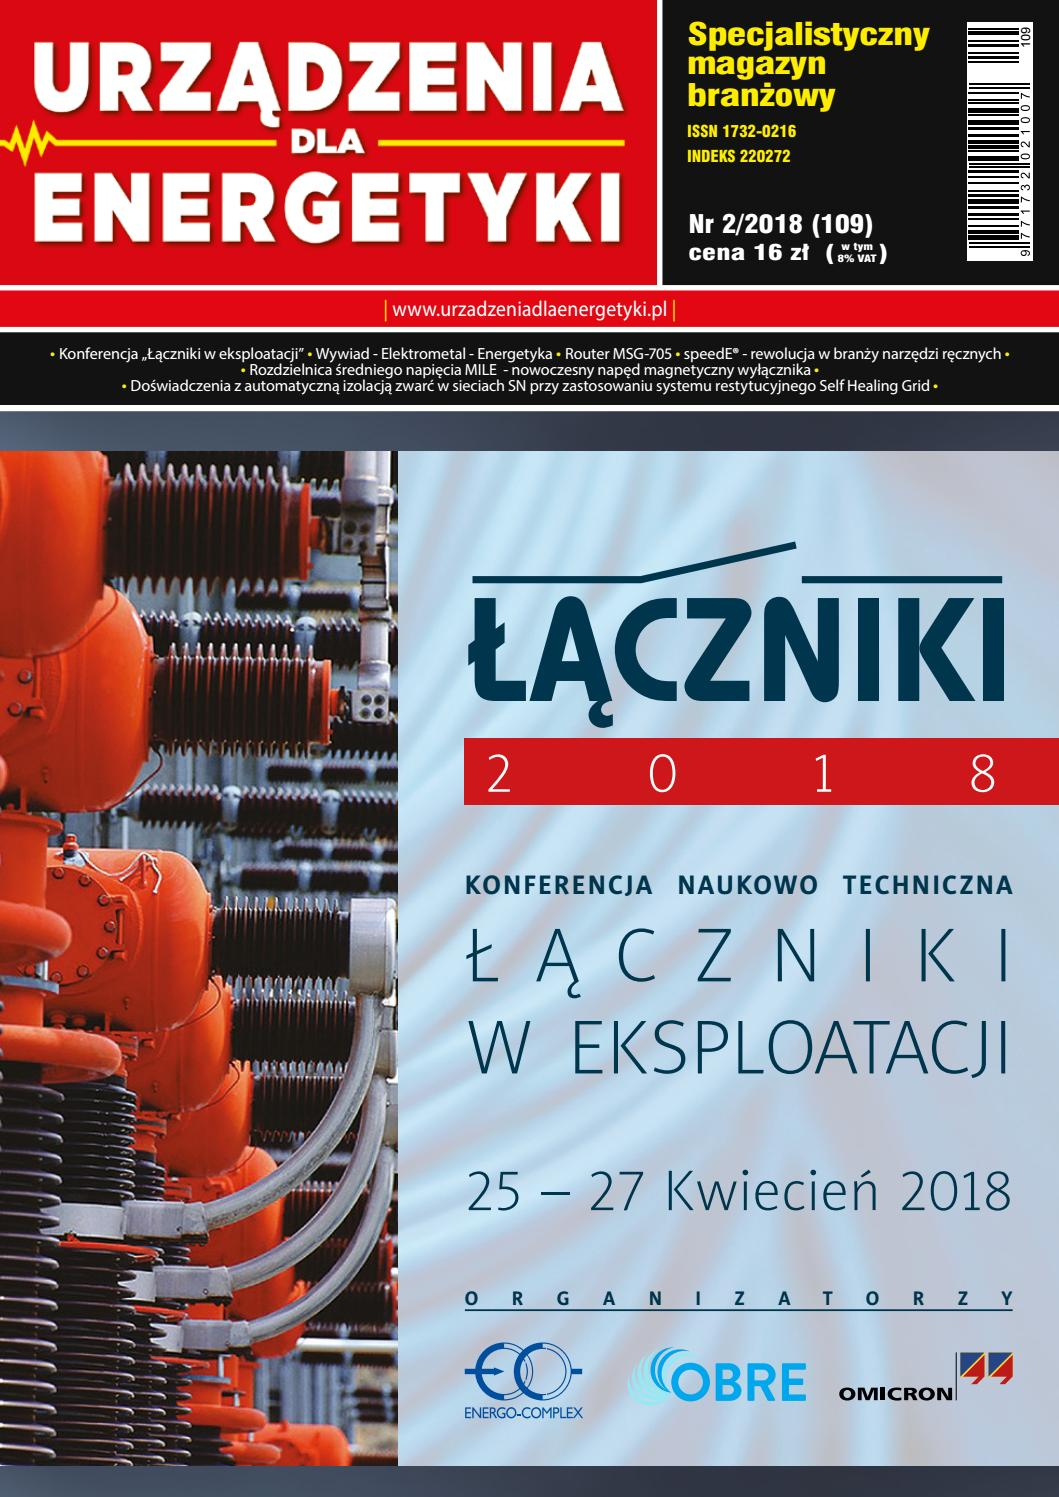 964166d639d4fe Urządzenia dla Energetyki nr 2/2018 by Urządzenia dla Energetyki - issuu